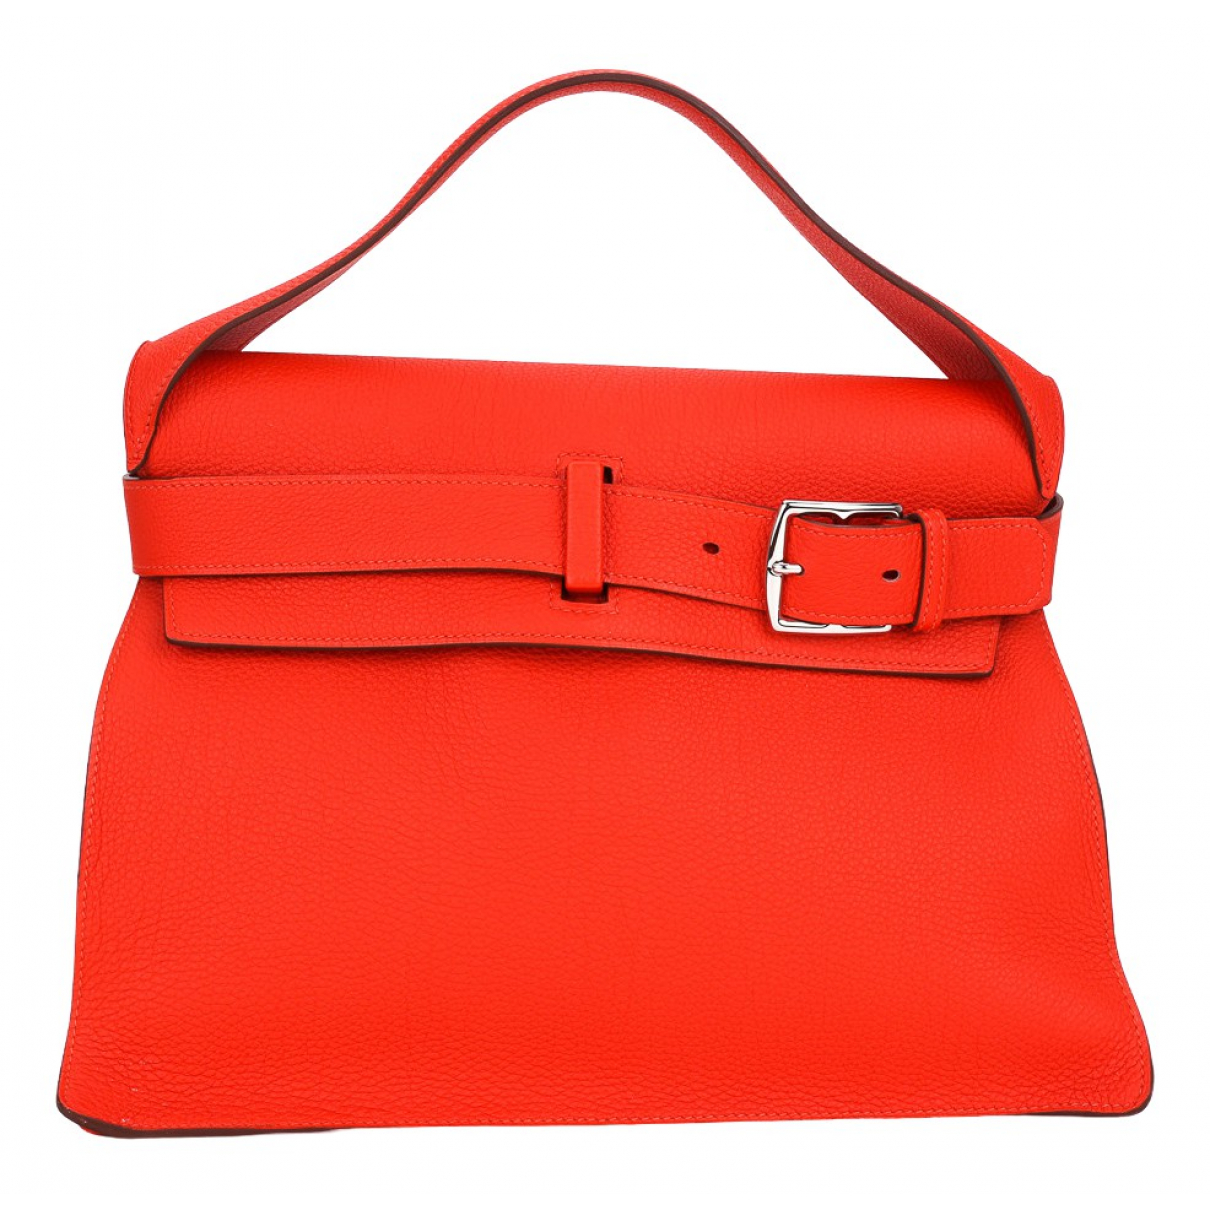 Hermes - Sac a main   pour femme en cuir - orange